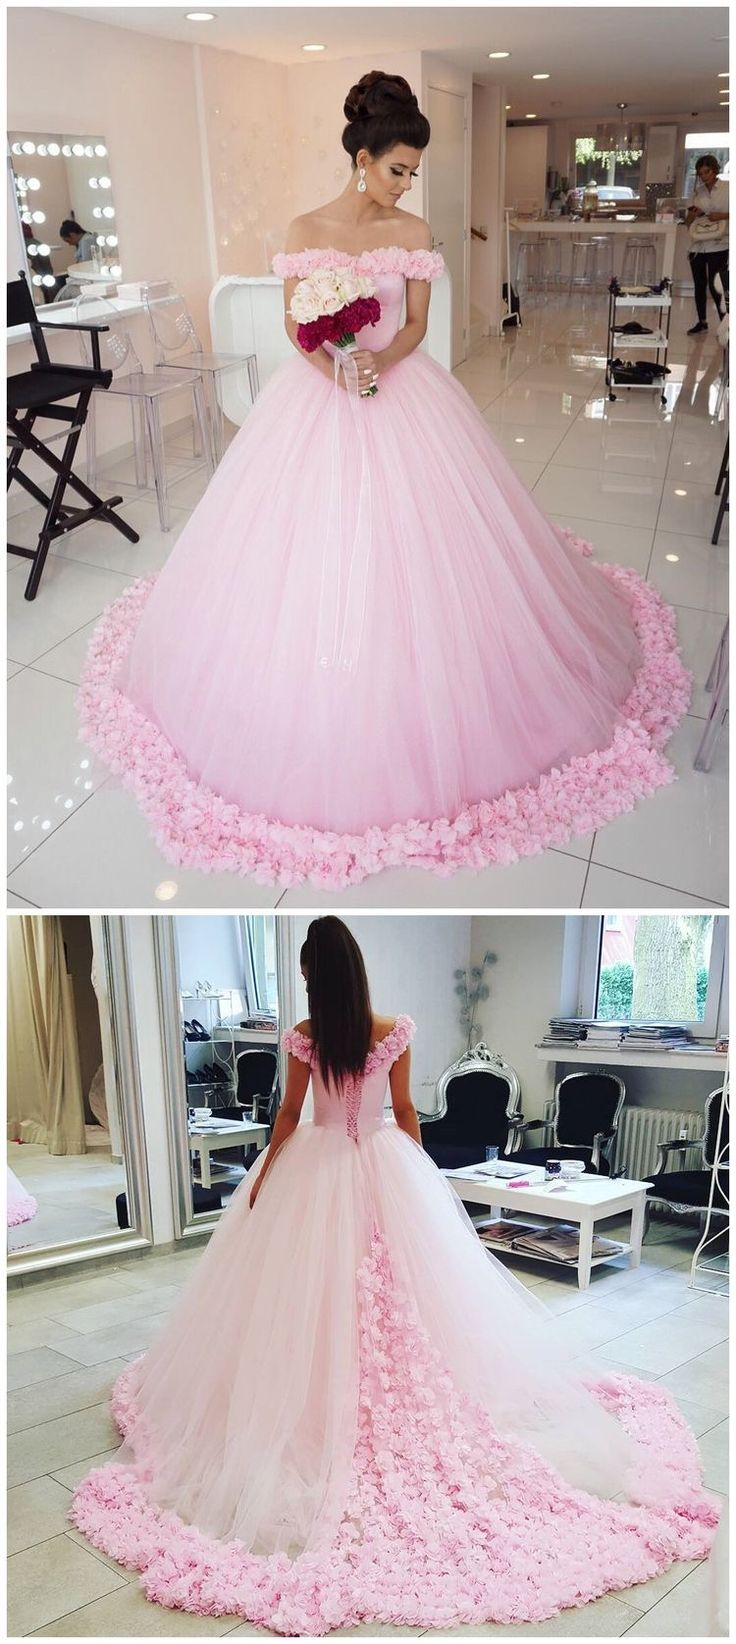 8 besten Xv Bilder auf Pinterest   Brautkleid, Brautkleider und ...